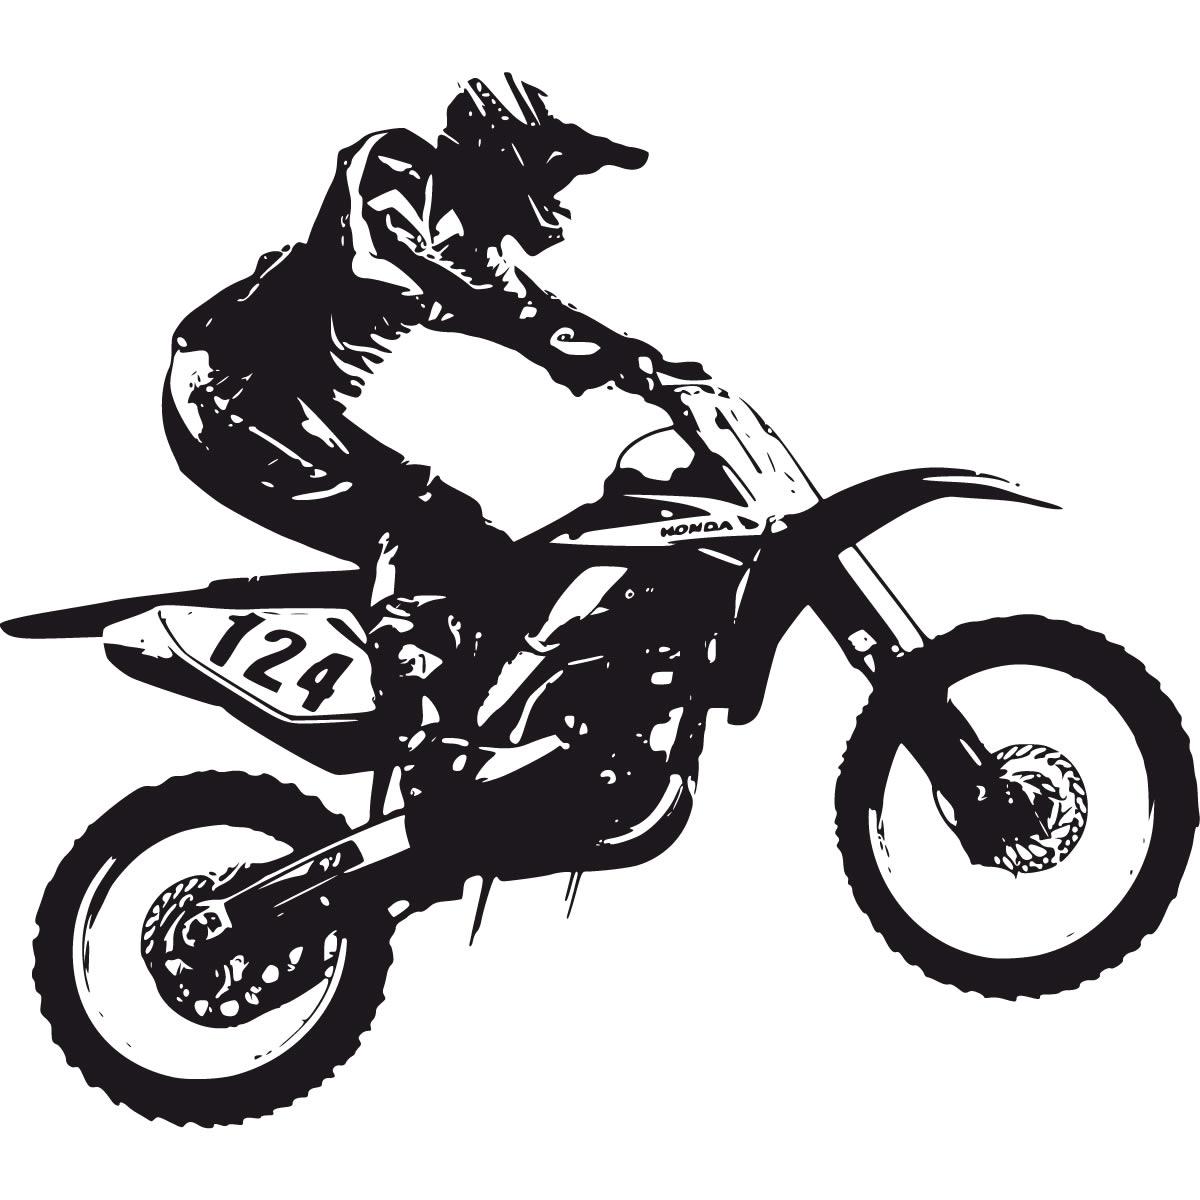 1200x1200 Dirt Bike Silhouette Clipart